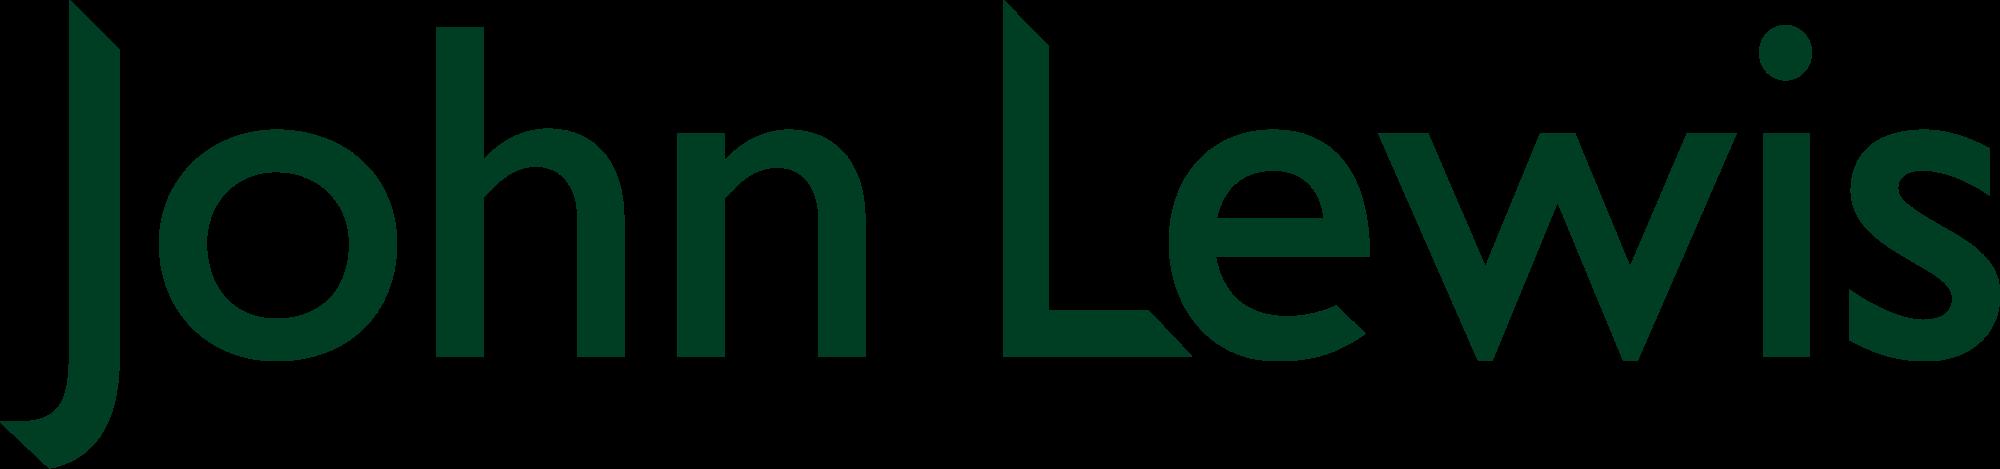 john lewis logo.png